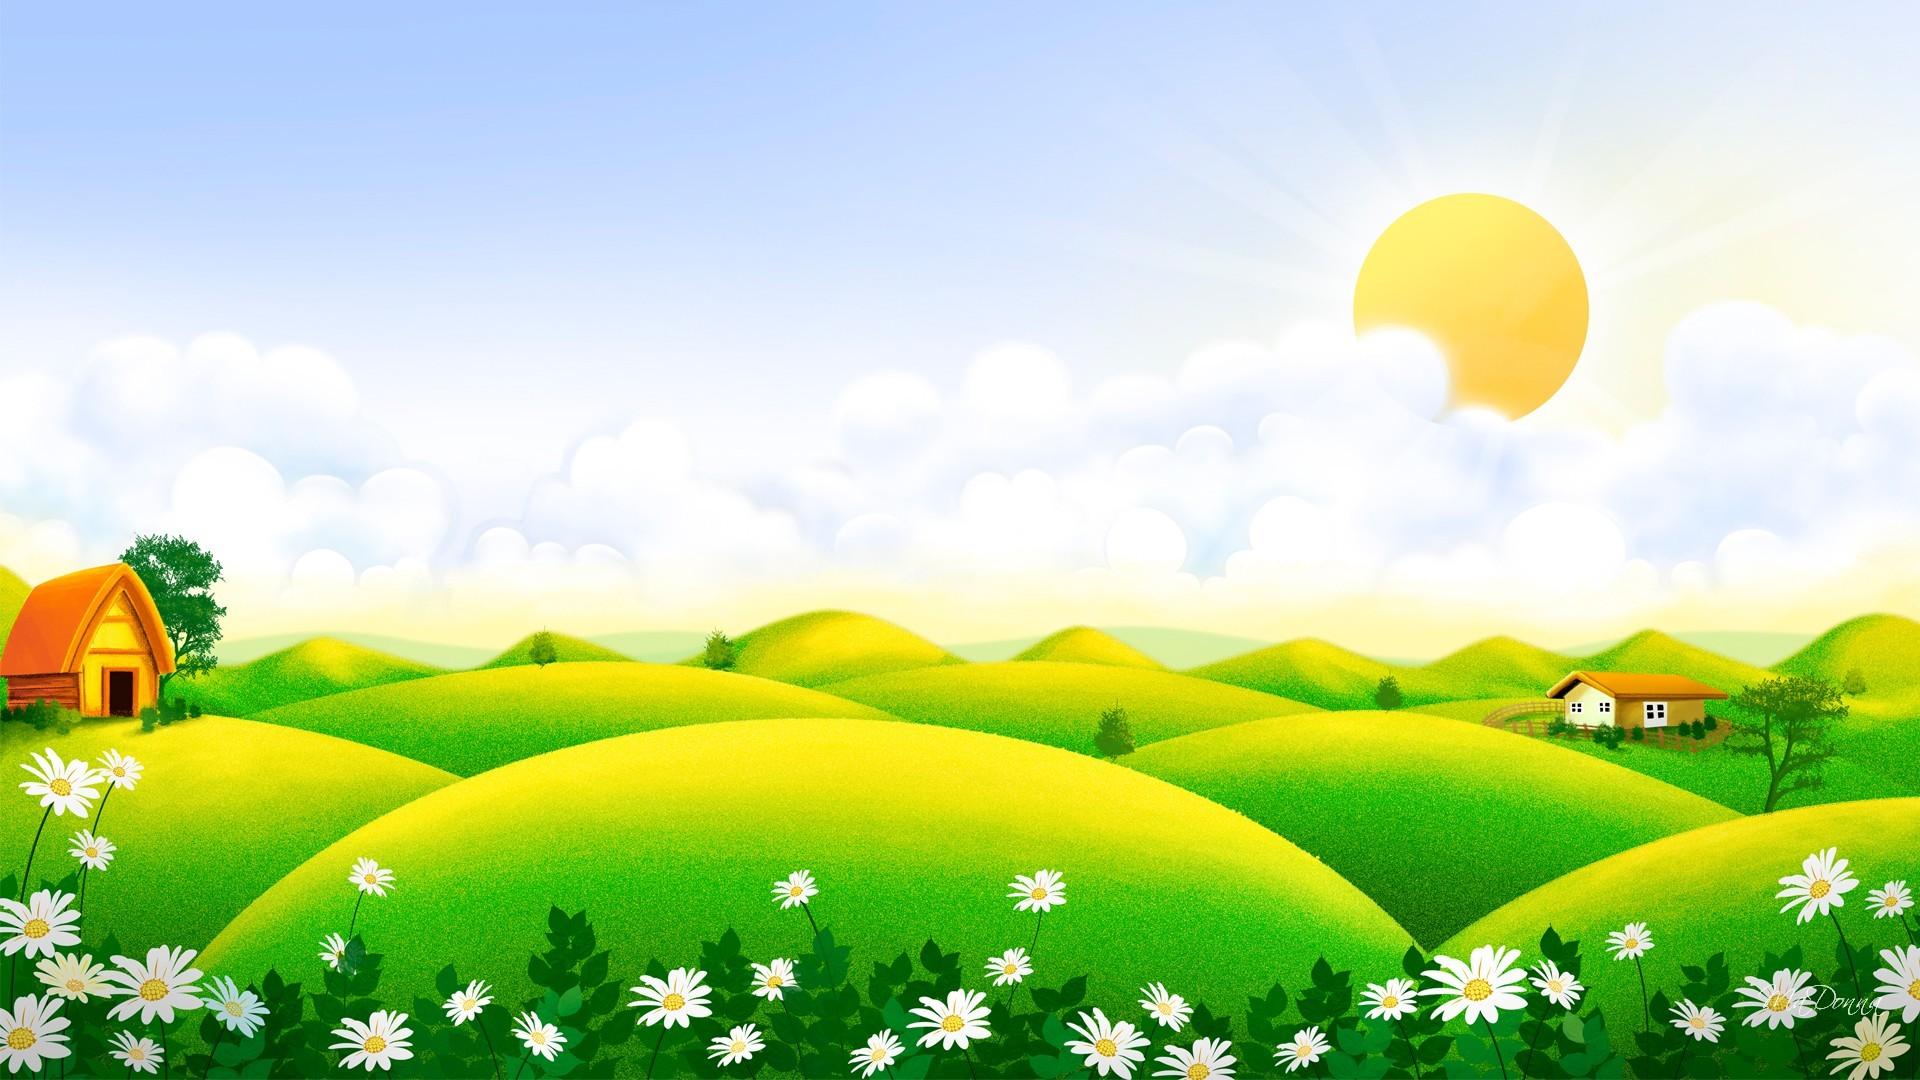 луг сад дворик трава  № 2691645 бесплатно